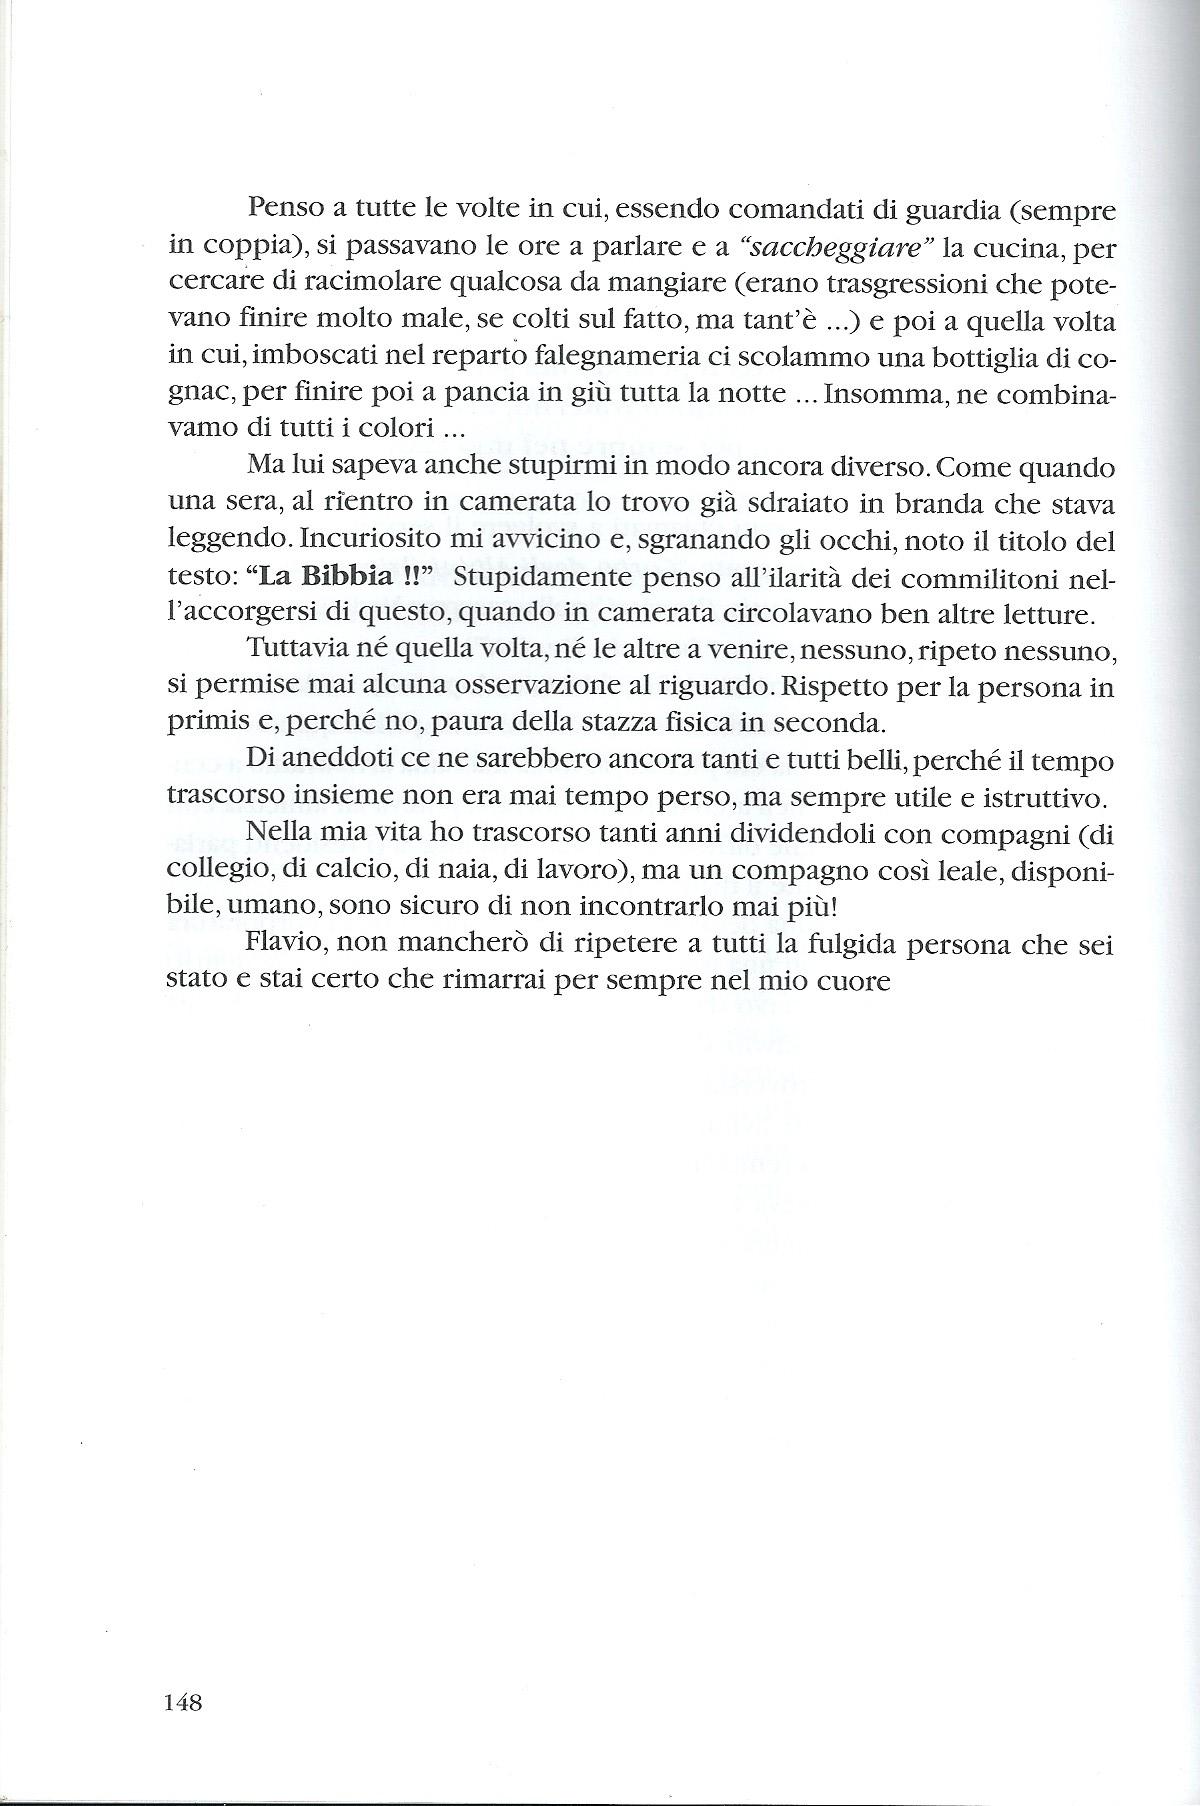 """Il ricordo di un amico fraterno, che ha condiviso con Flavio il periodo del militare negli Alpini. Inserito tra i ricordi nel libro """"Prima che sia troppo tardi"""""""